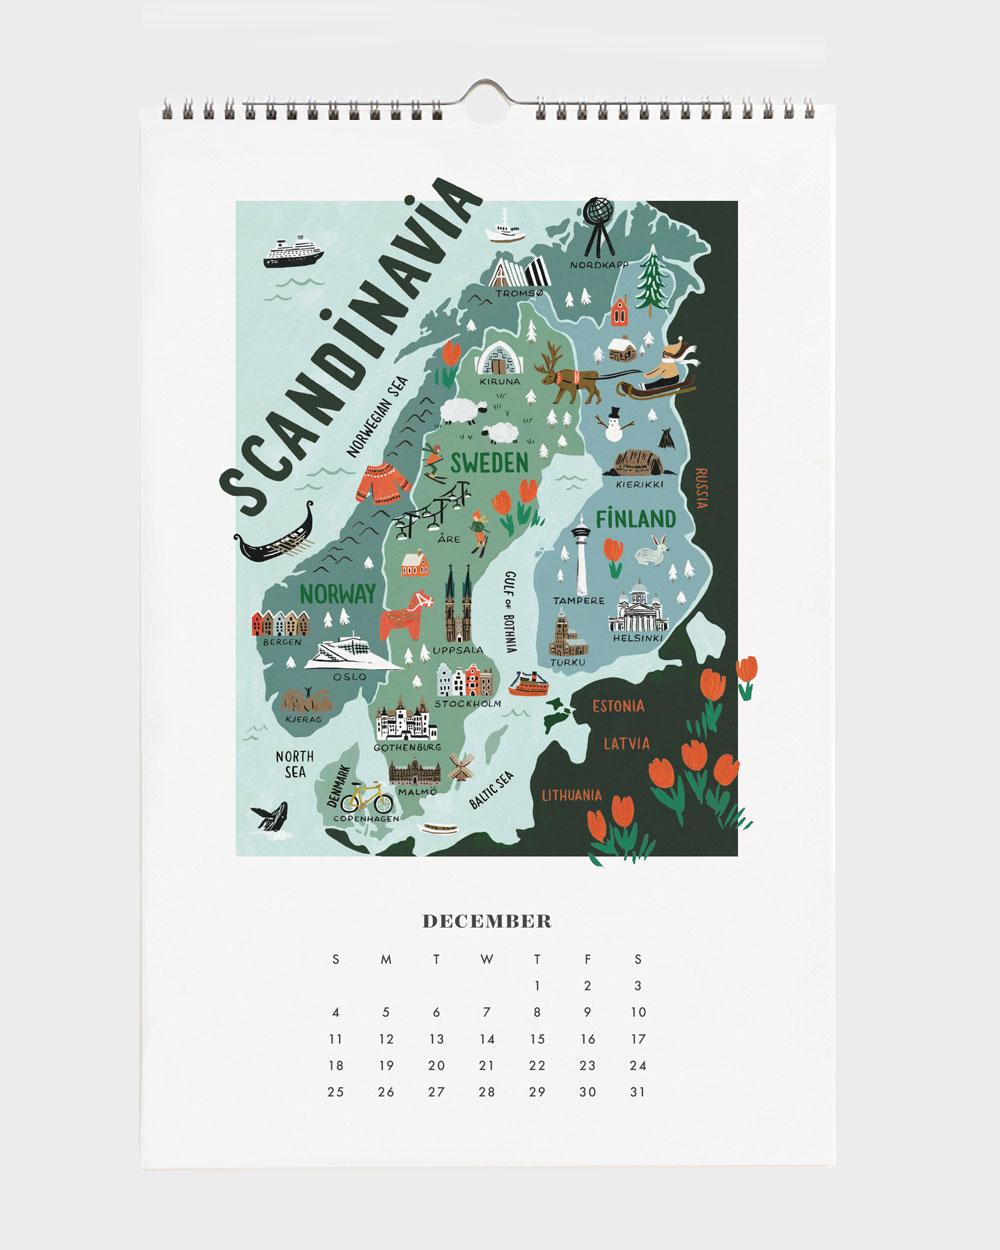 World Traveler 2022 seinäkalenteri Scandinavia